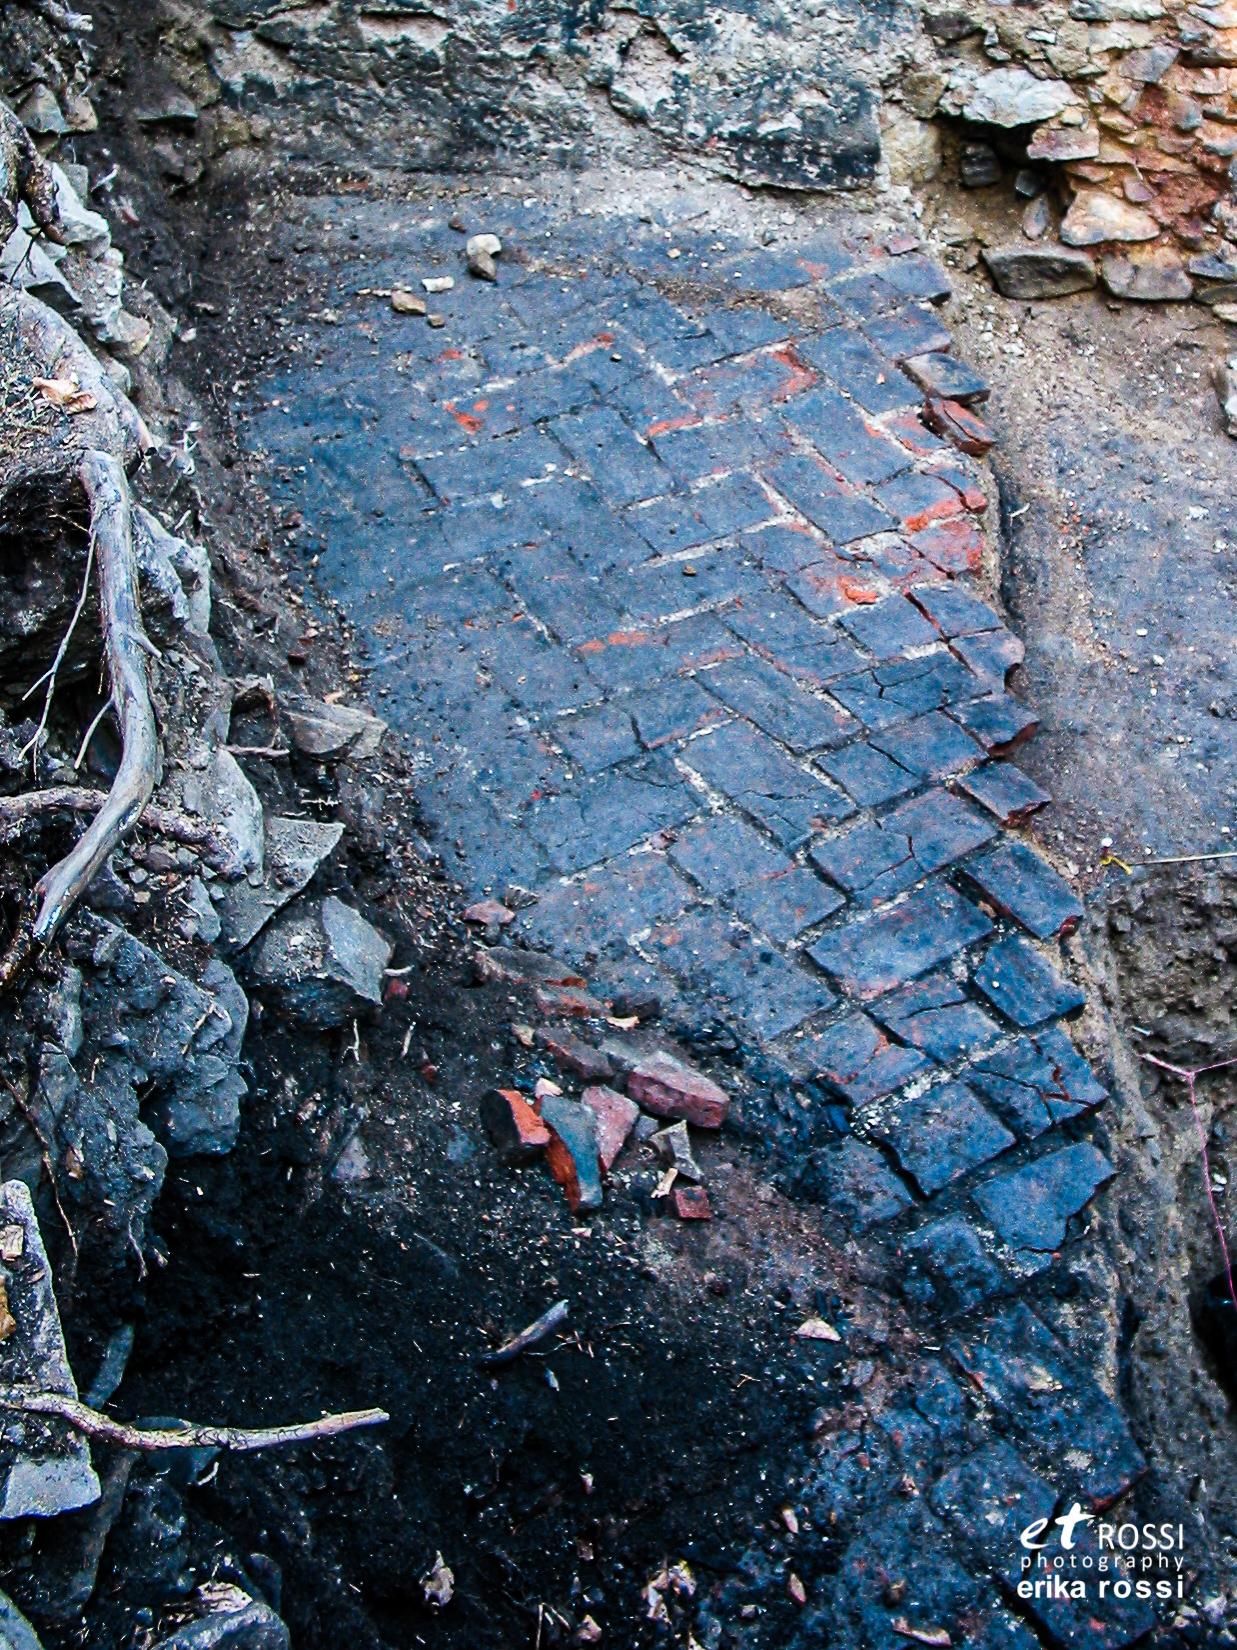 Birchiburg 2003 09 14 0018 - Birchiburg